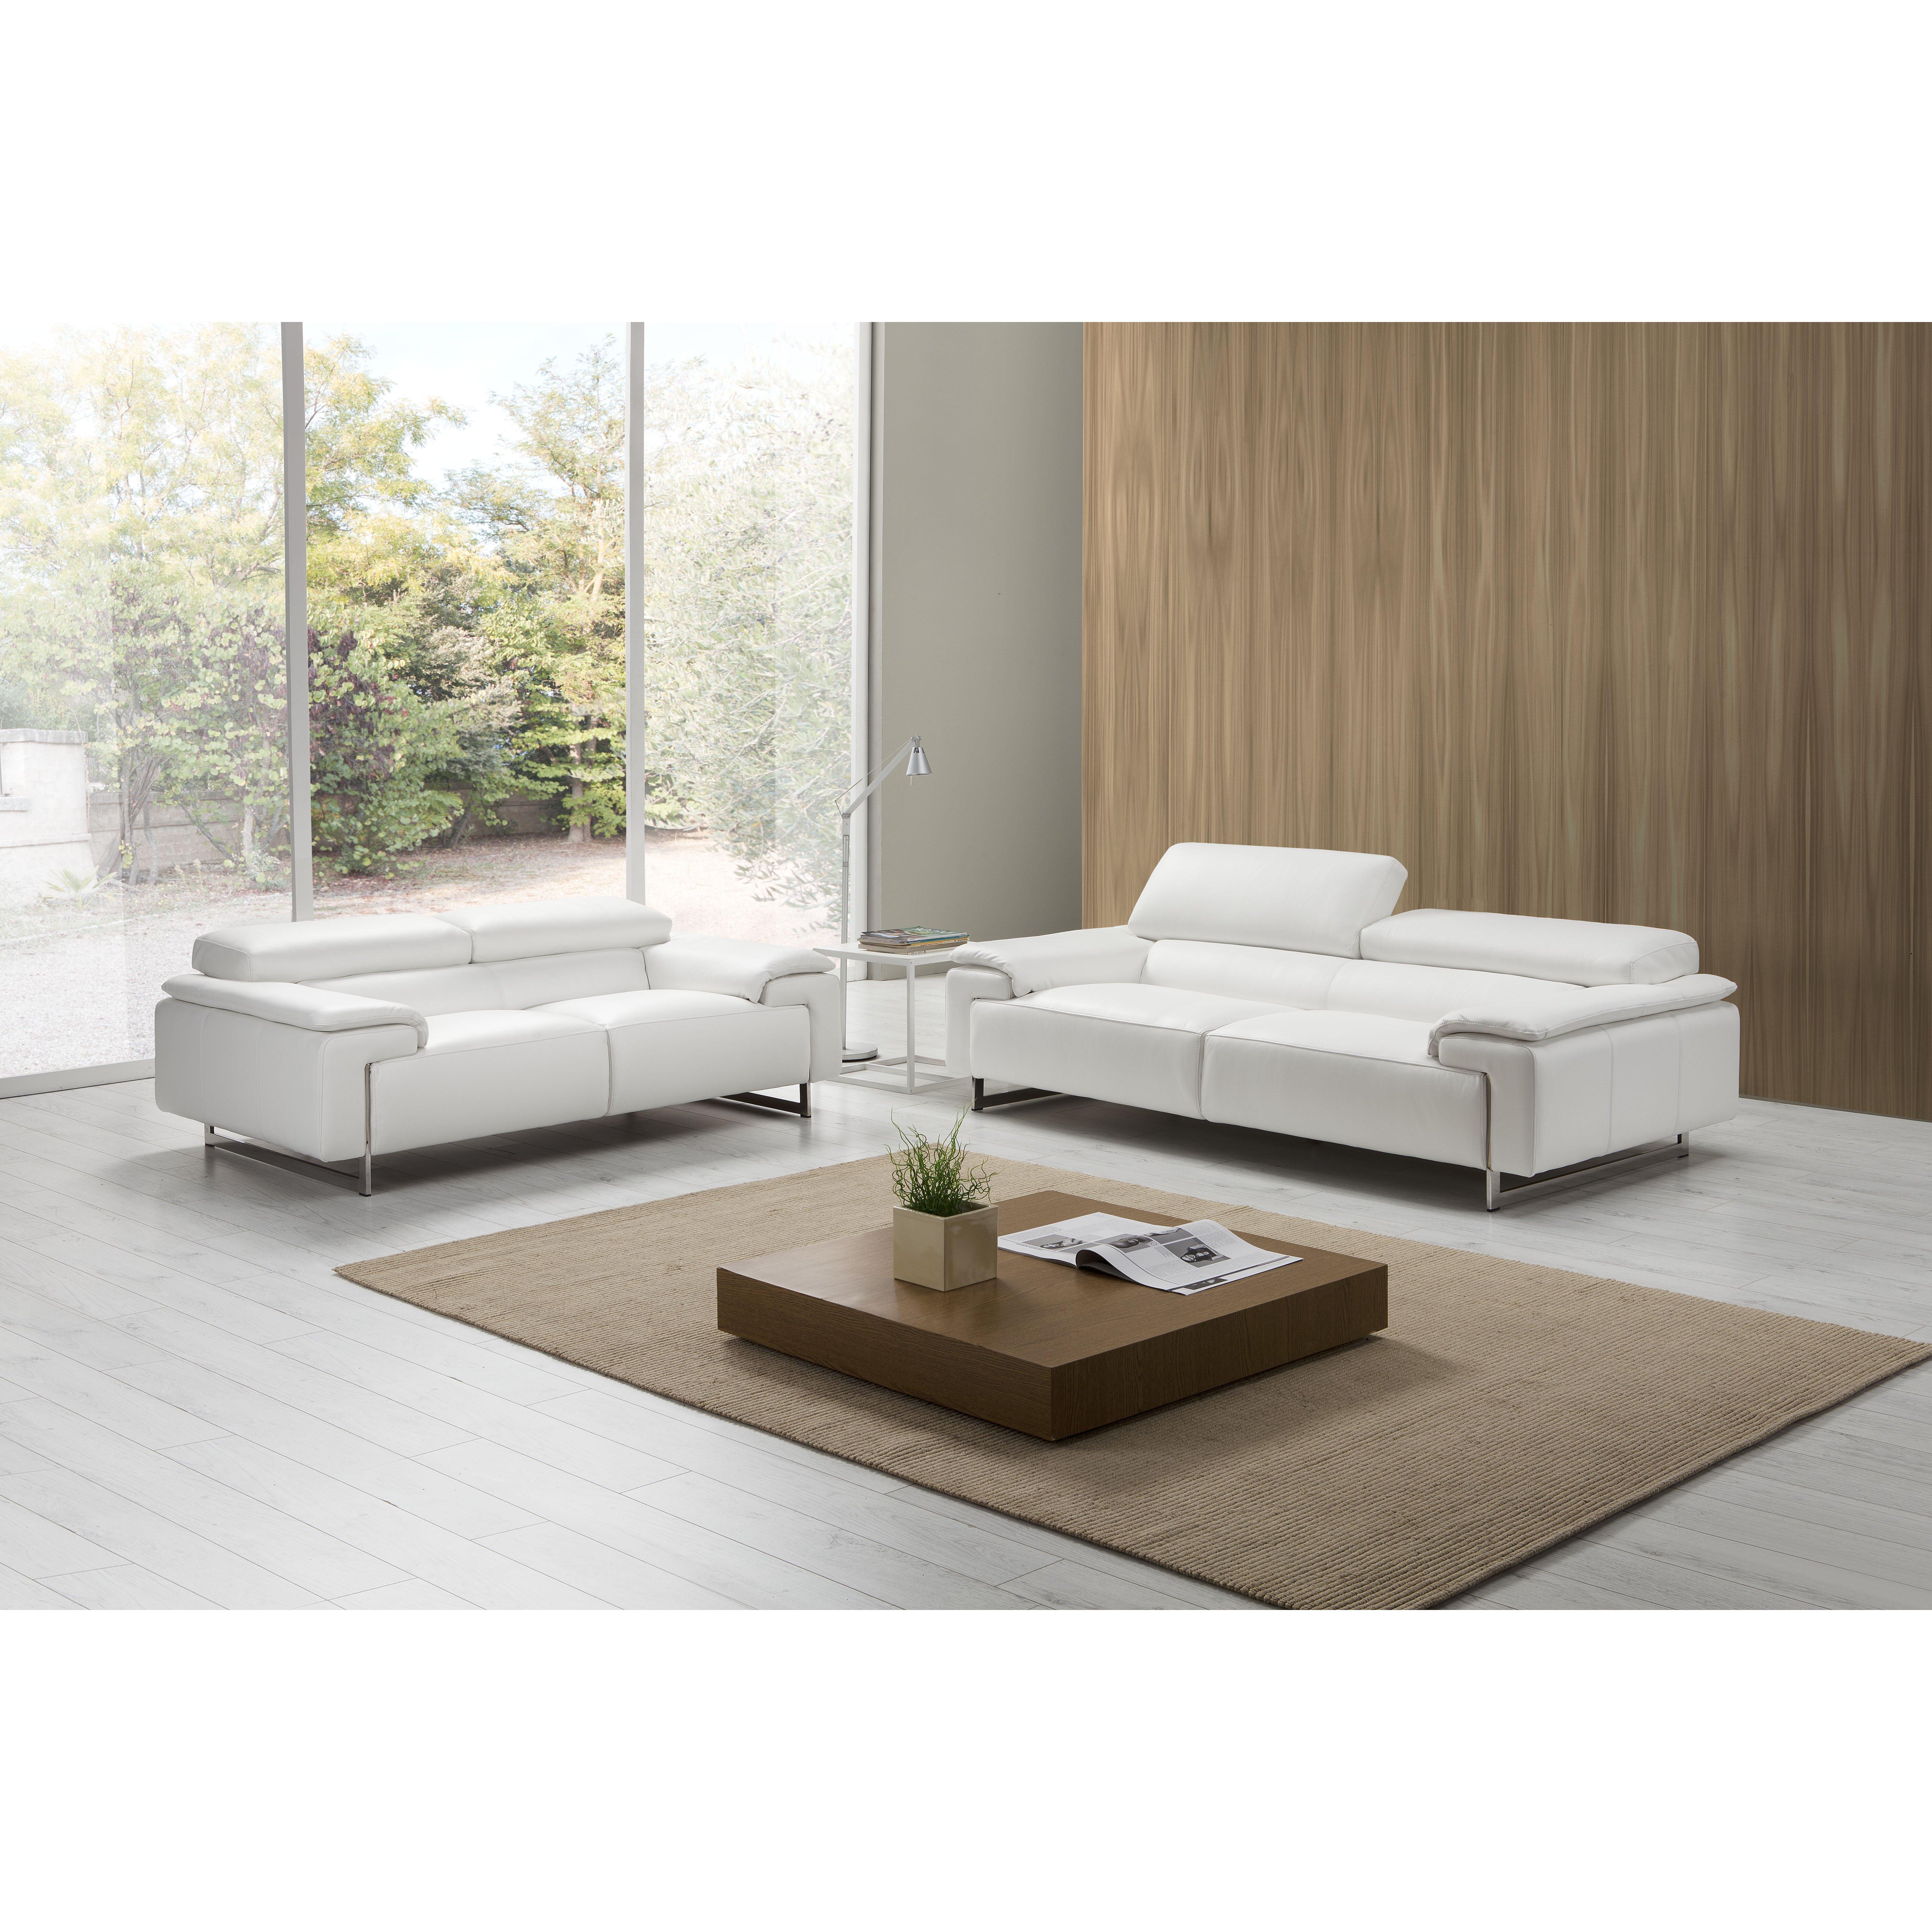 Opera Divani Vanity 3 Seater Modular Sofa & Reviews ...